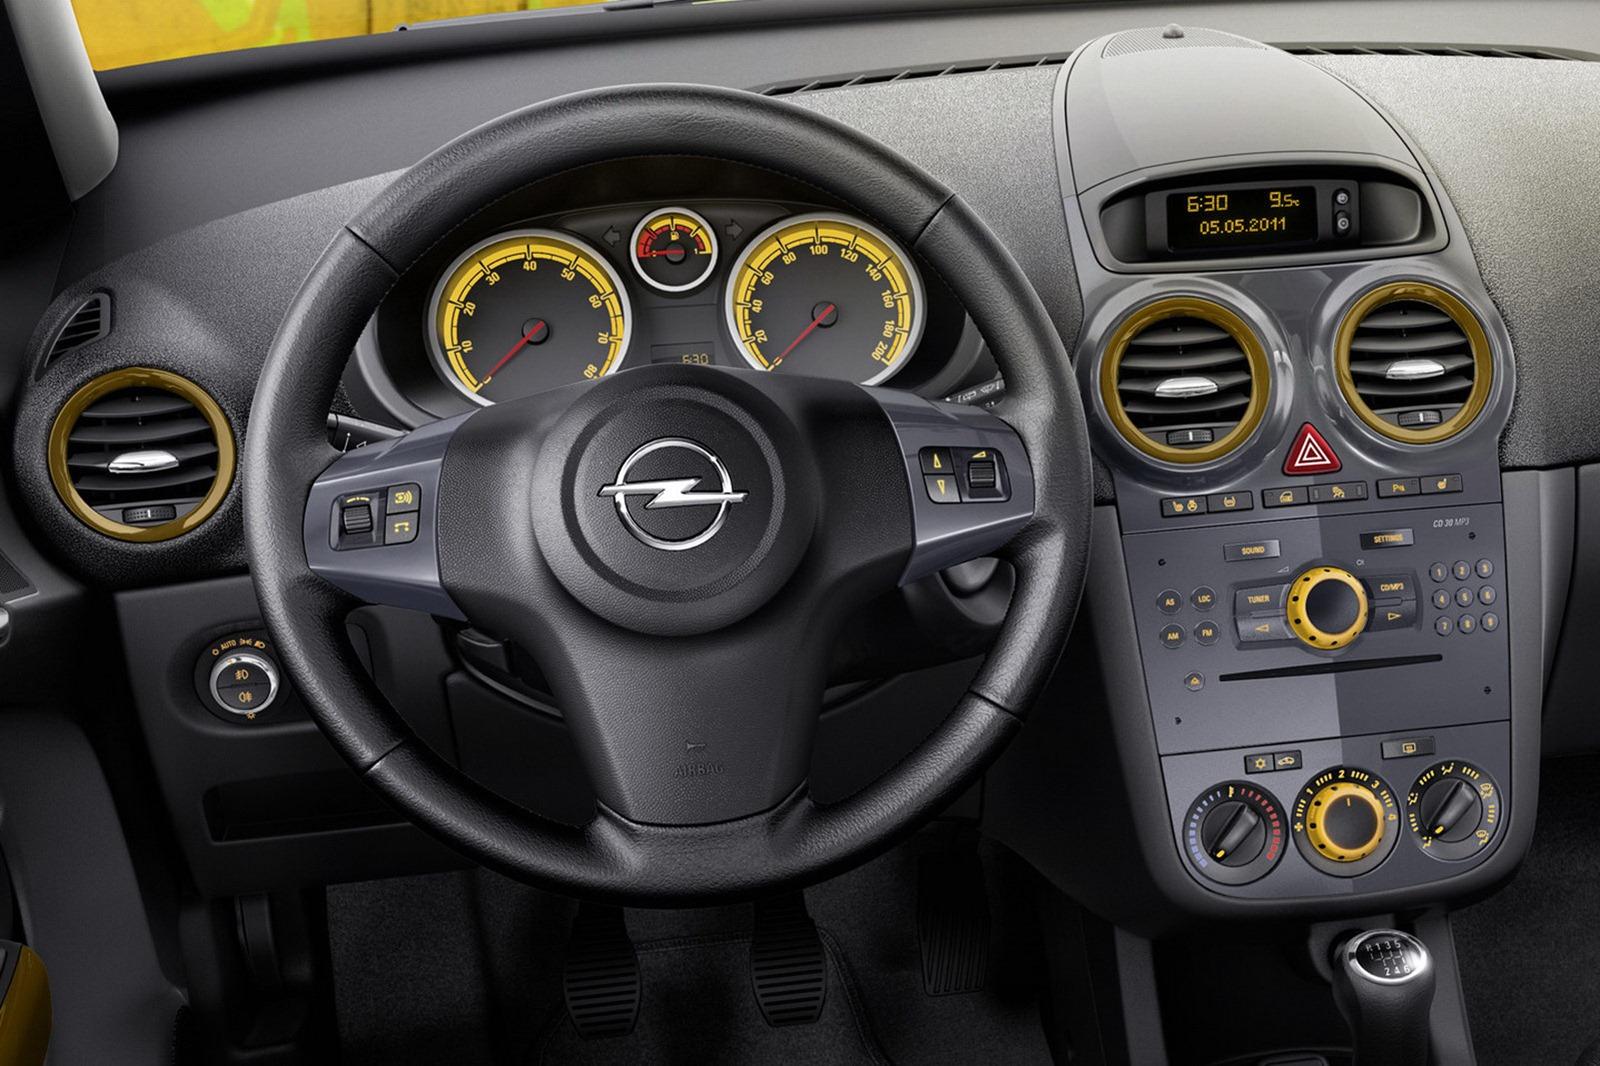 Как демонтировать блок выключателей на центральной панели Opel Corsa D